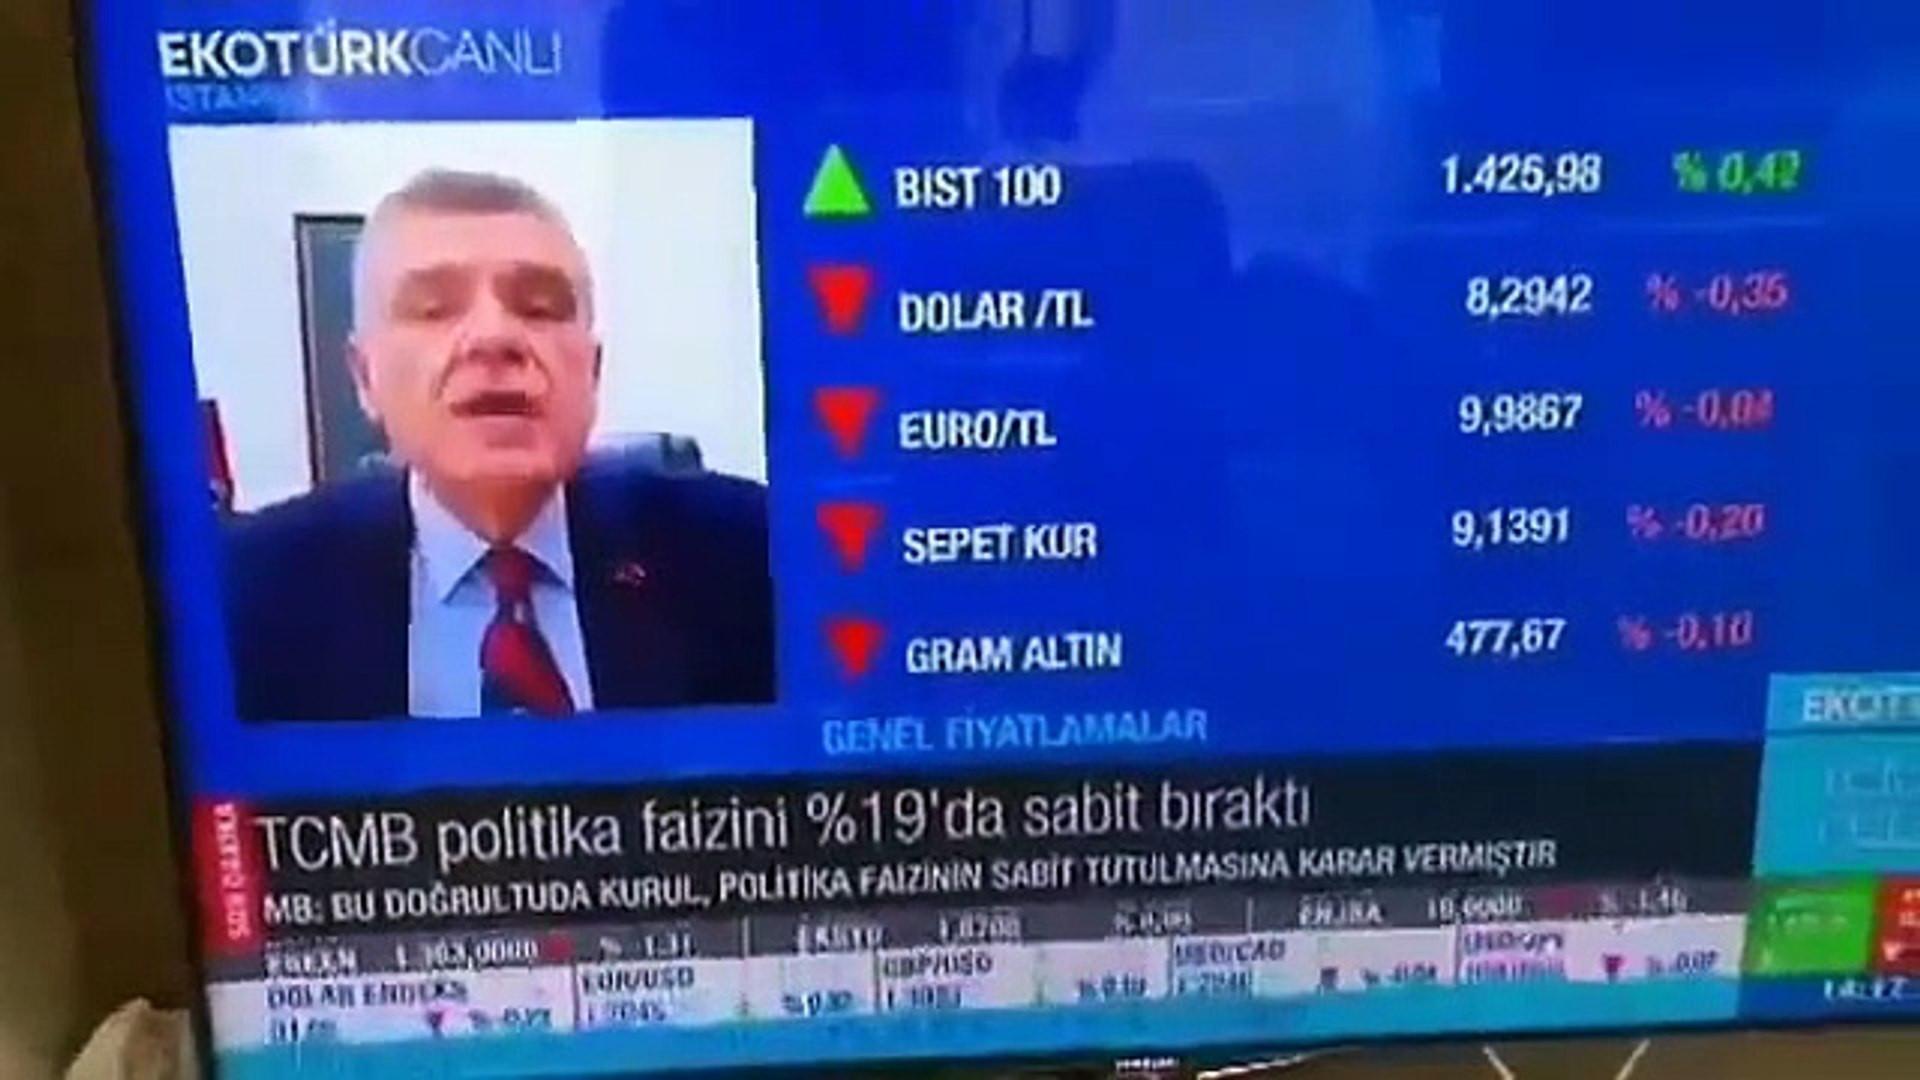 Prof. Dr. Murat Ferman'dan canlı yayınında skandal benzetme